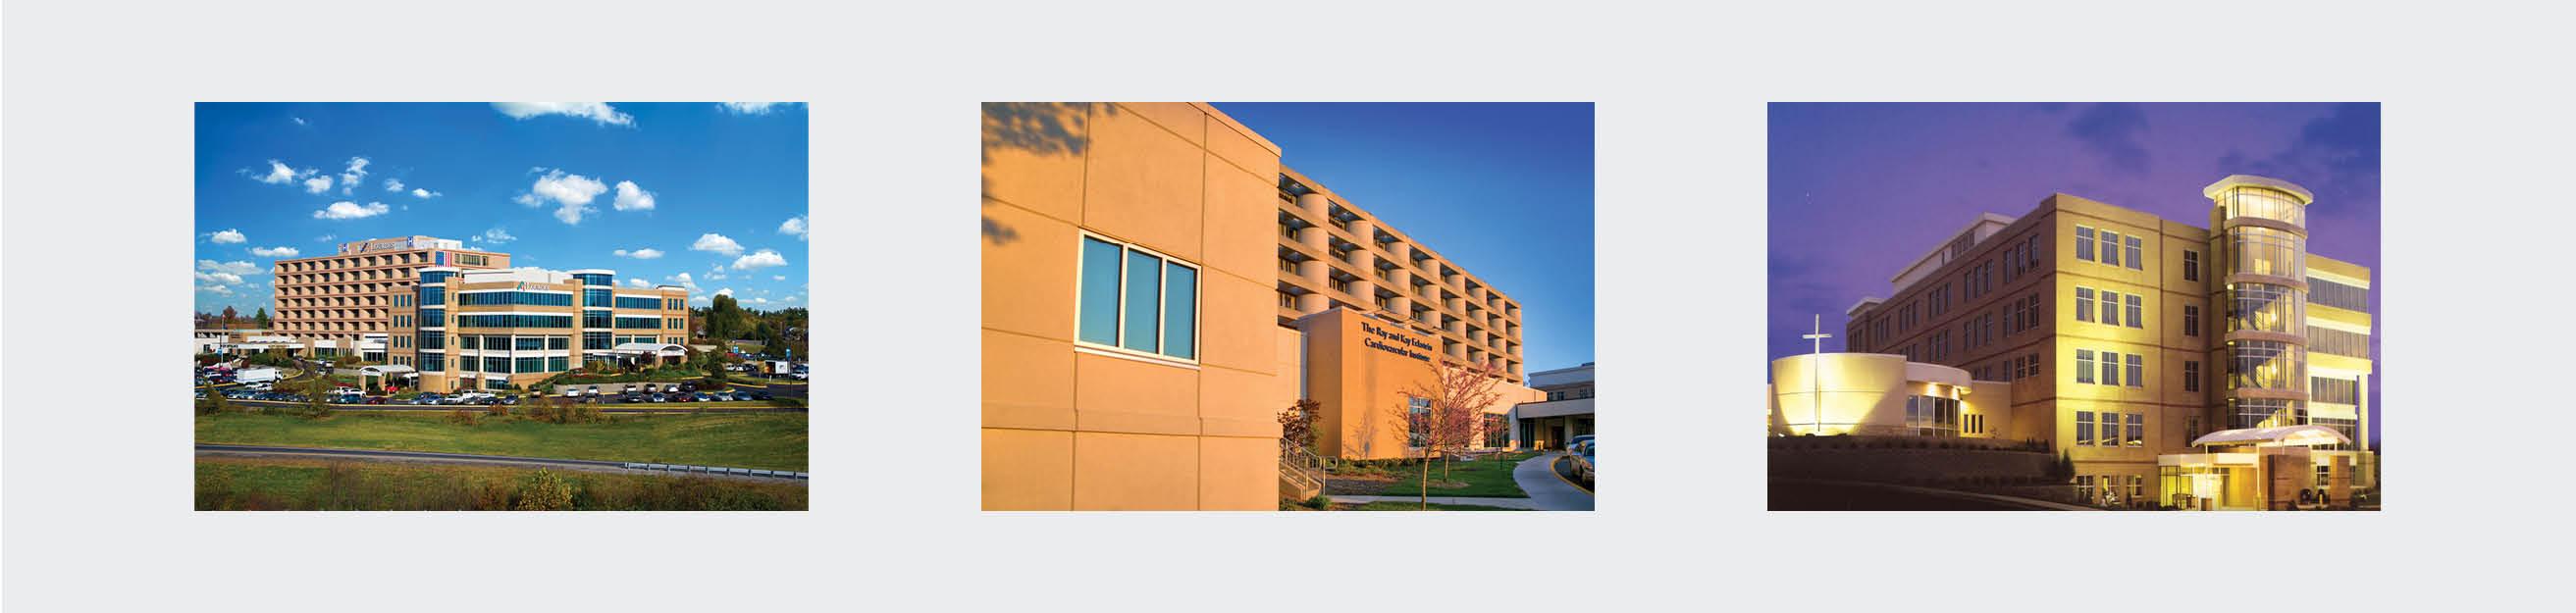 Lourdes hospital Photos